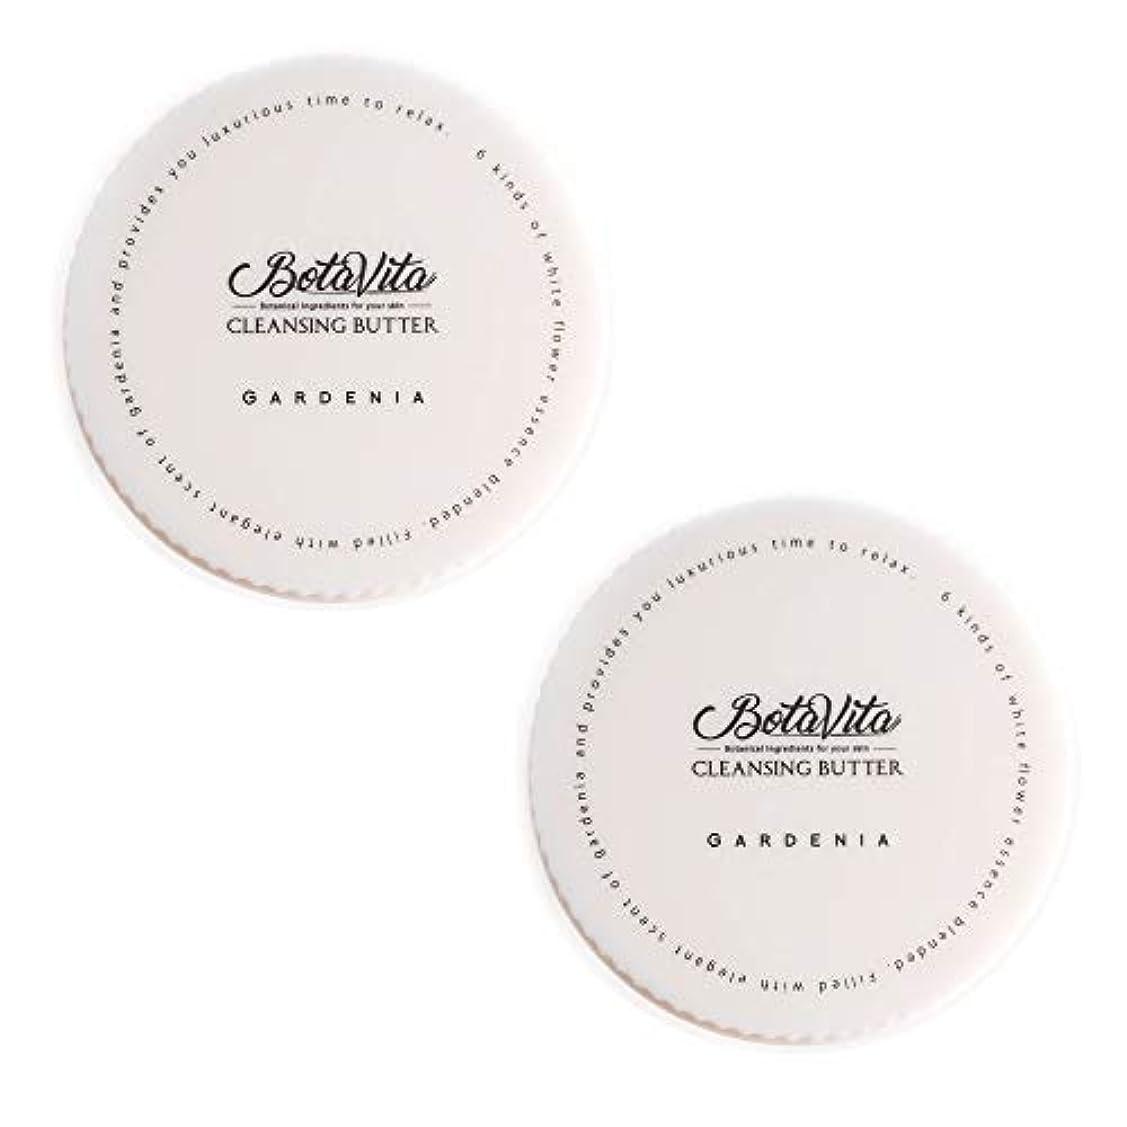 懐暖かく消毒剤BotaVita ボタヴィータ クレンジングバター <ガーデニア> 毛穴ケア W洗顔不要 保湿ケア 80g 2個 セット デュオ DUO